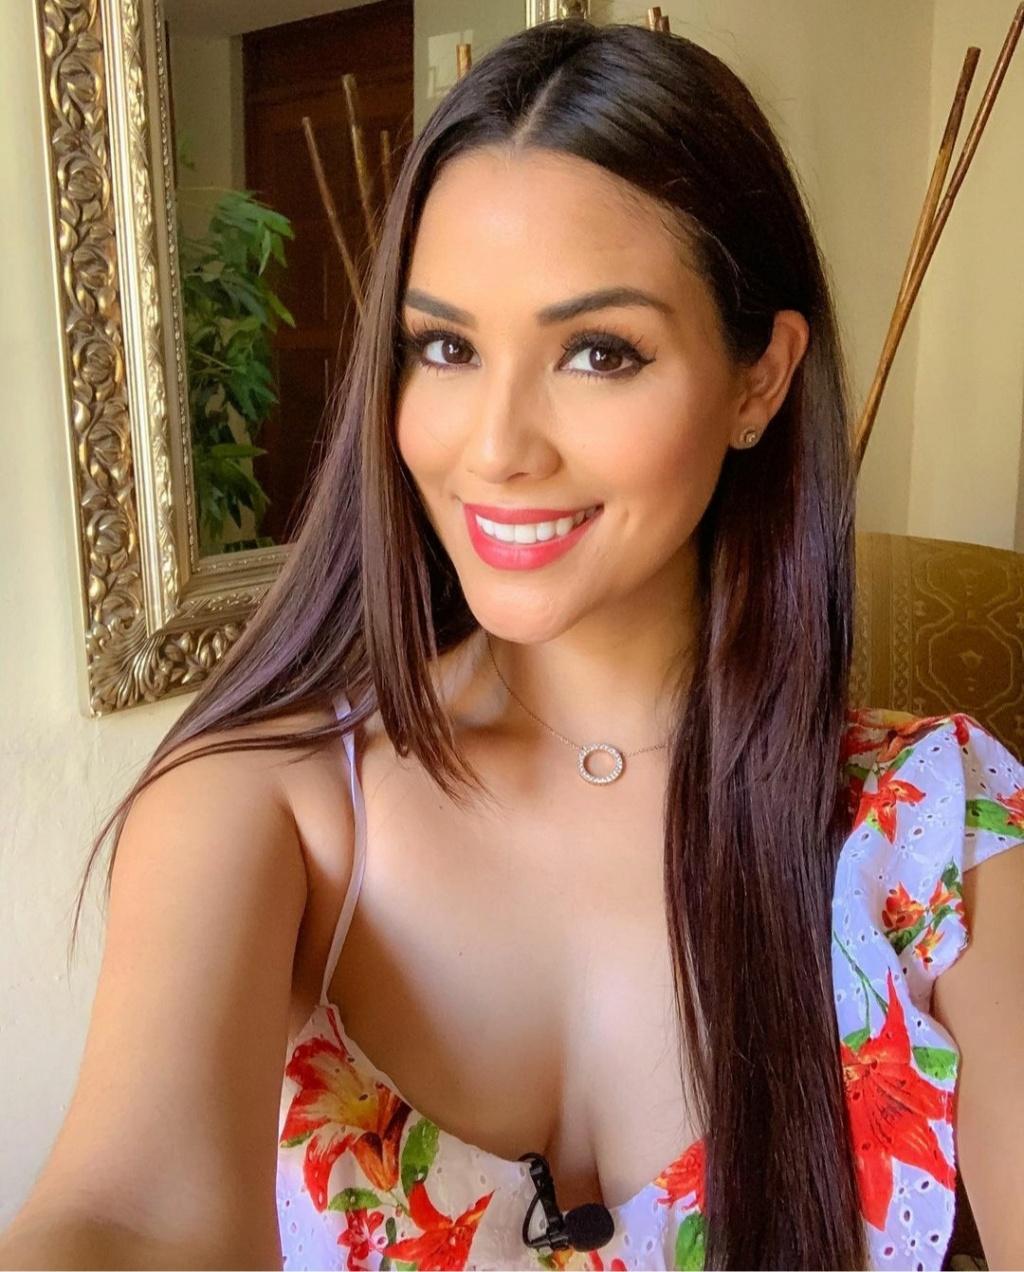 DEBATE sobre belleza, guapura y hermosura (fotos de chicas latinas, mestizas, y de todo) - VOL II - Página 5 Img_1150